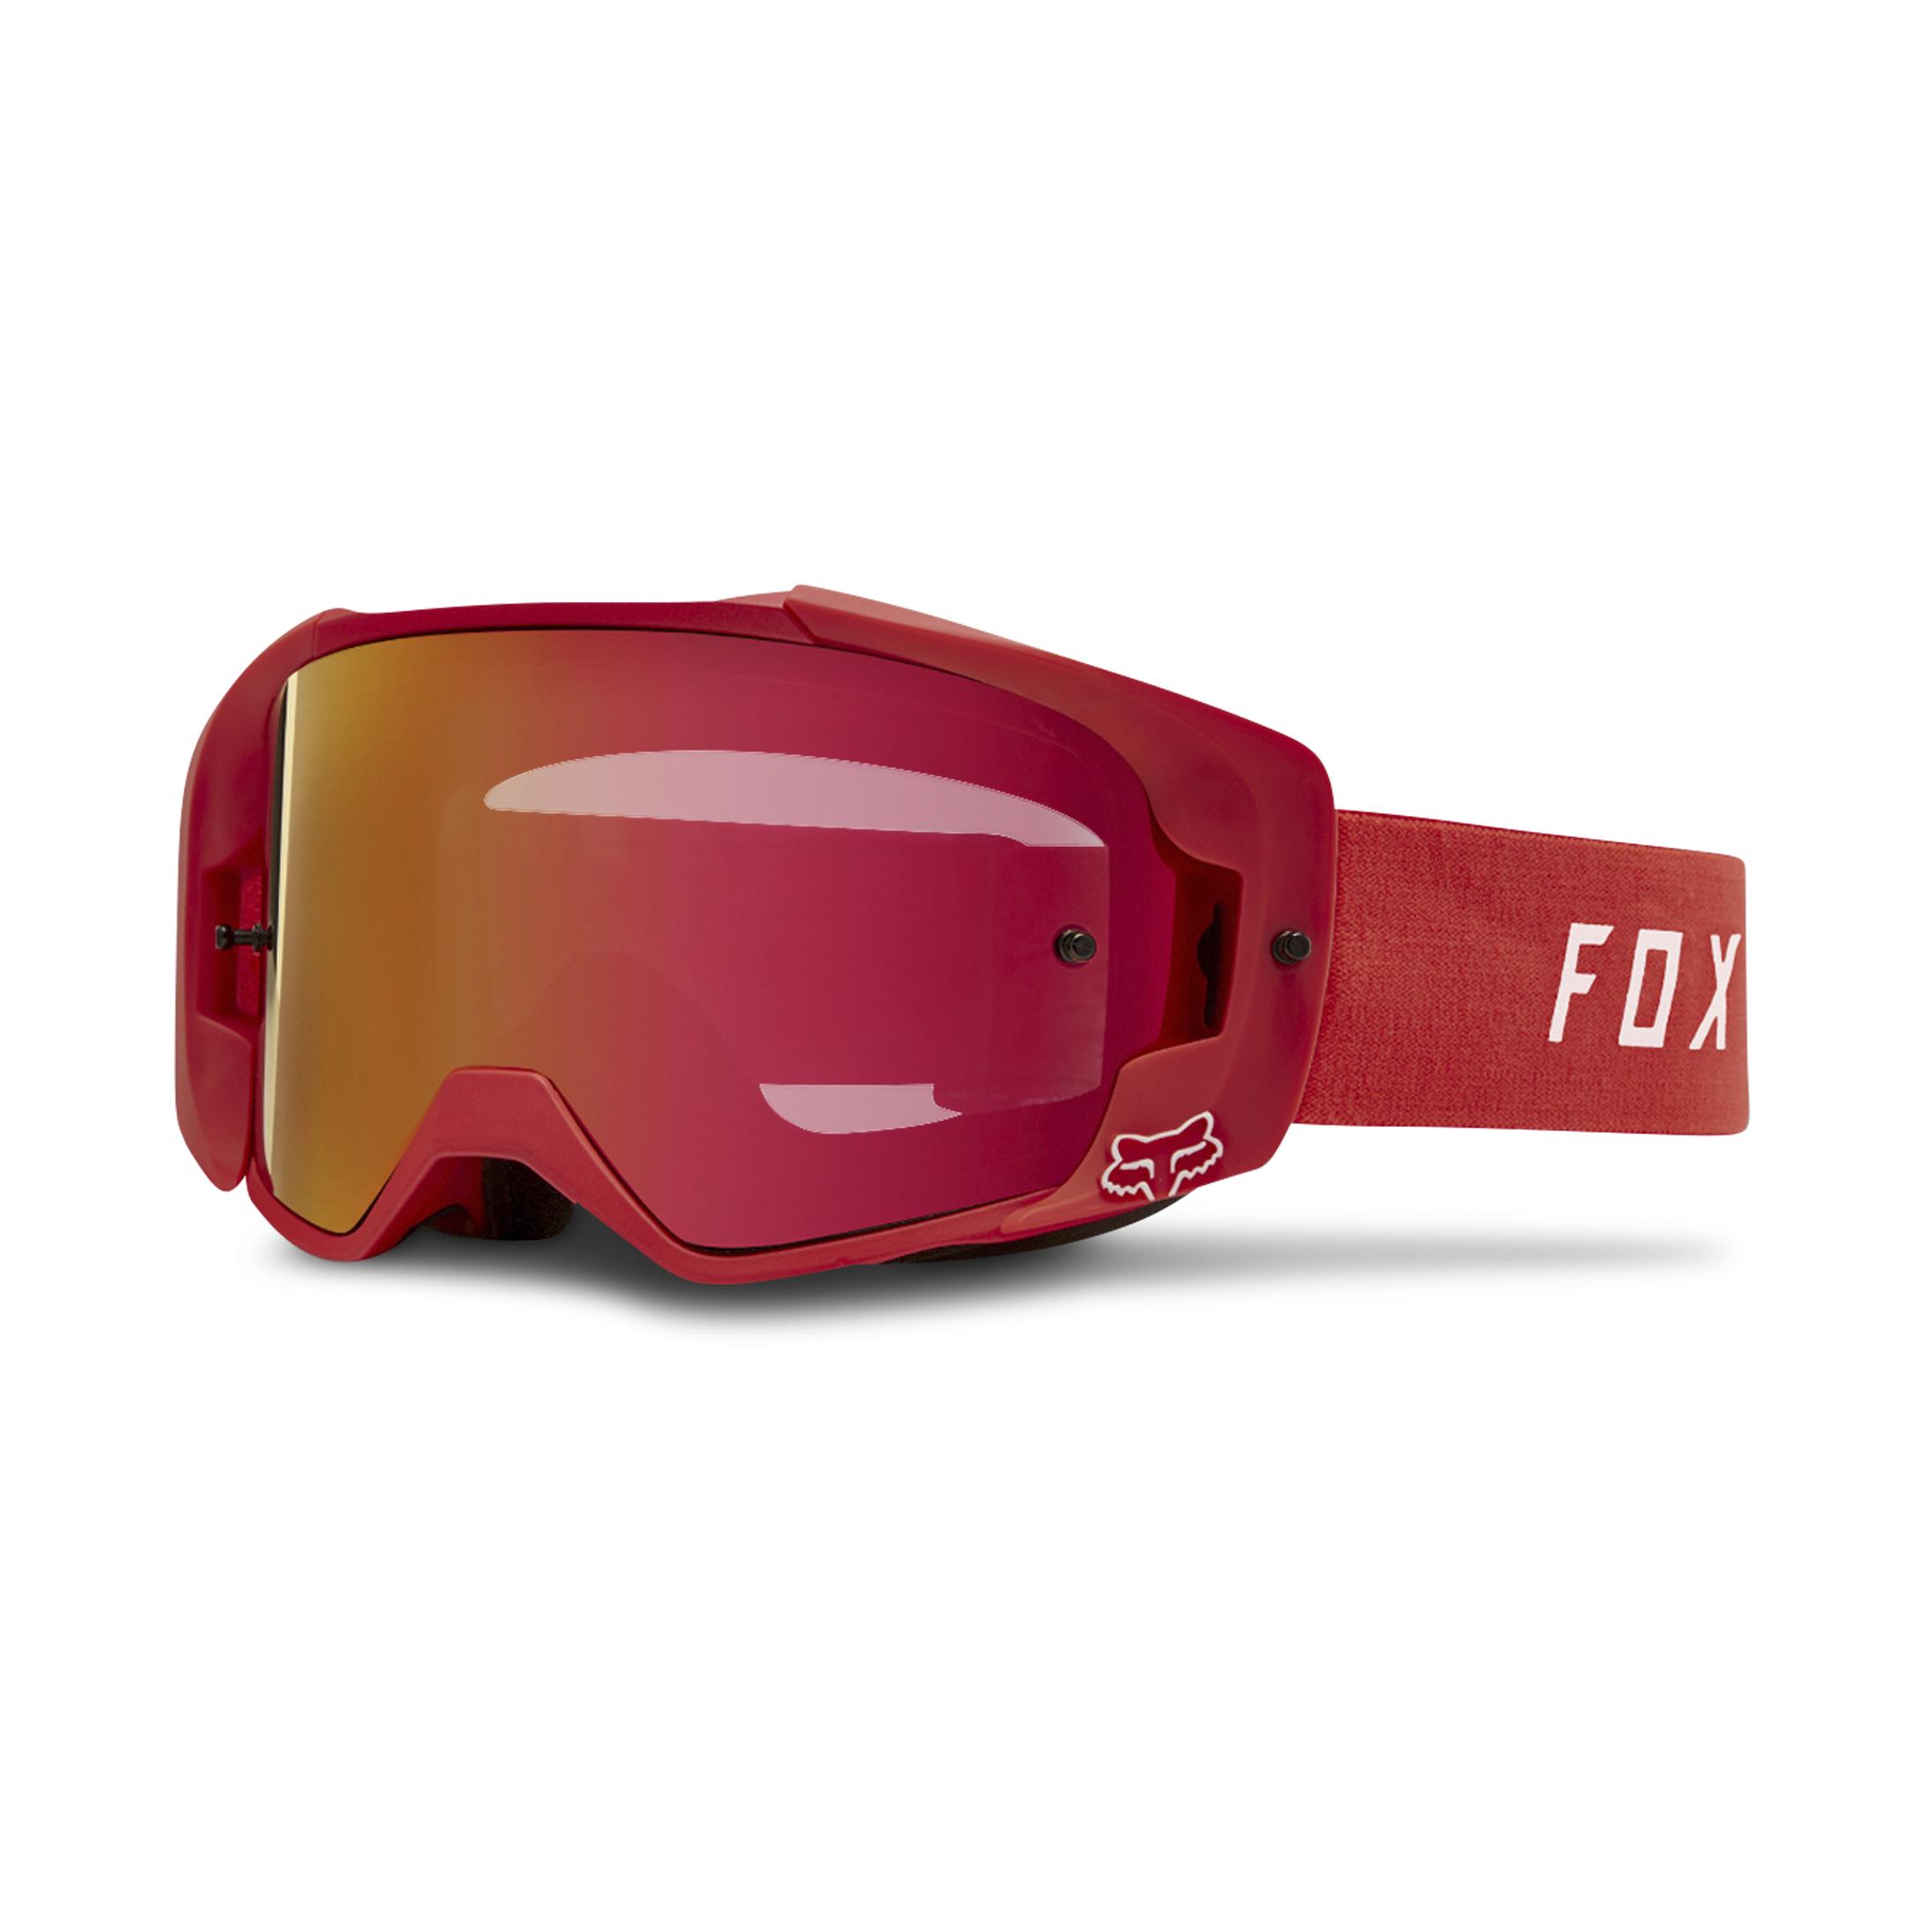 FOX Maschera Cross  Racing VUE Rossa